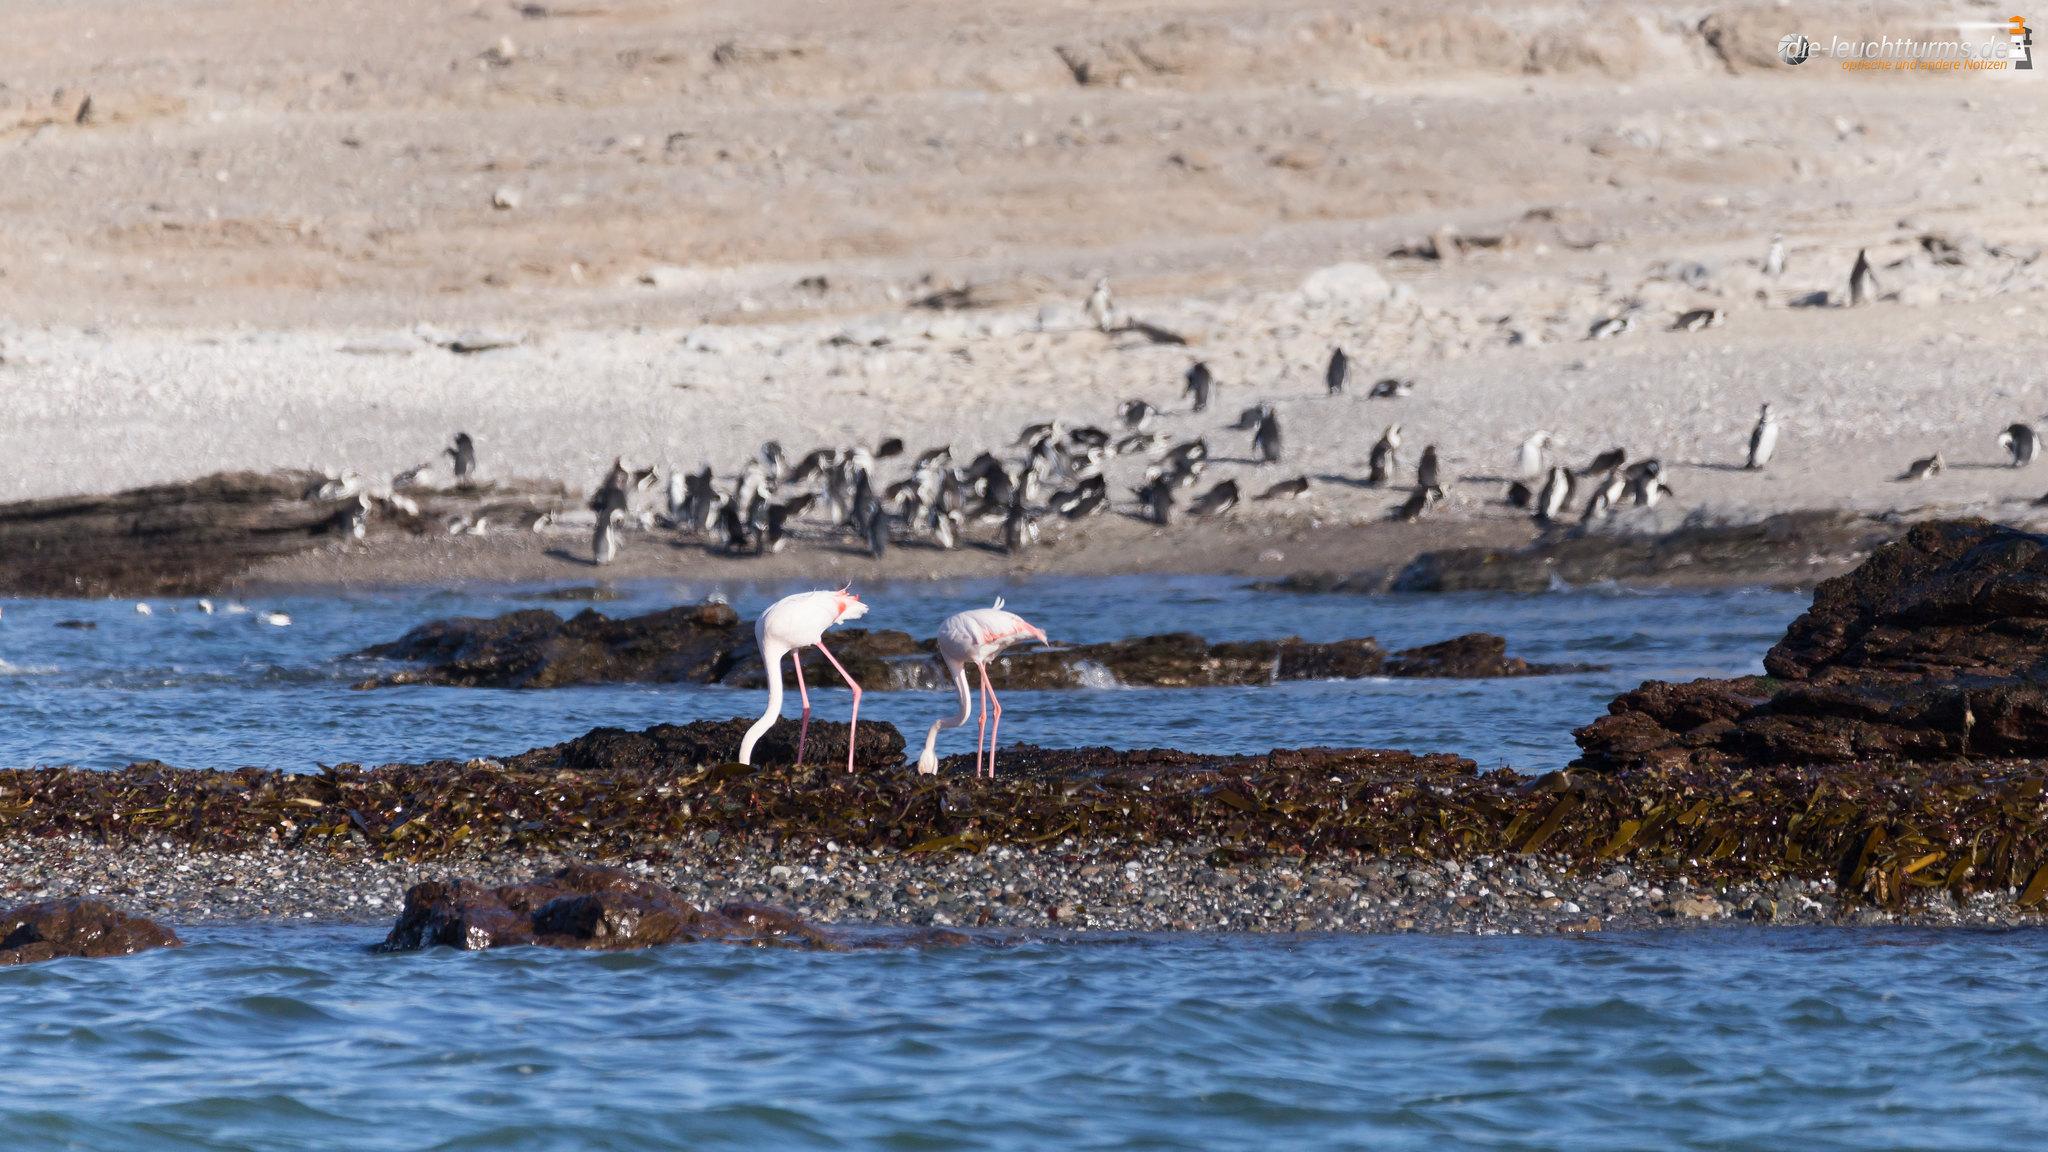 Flamingos and Gentoo penguins